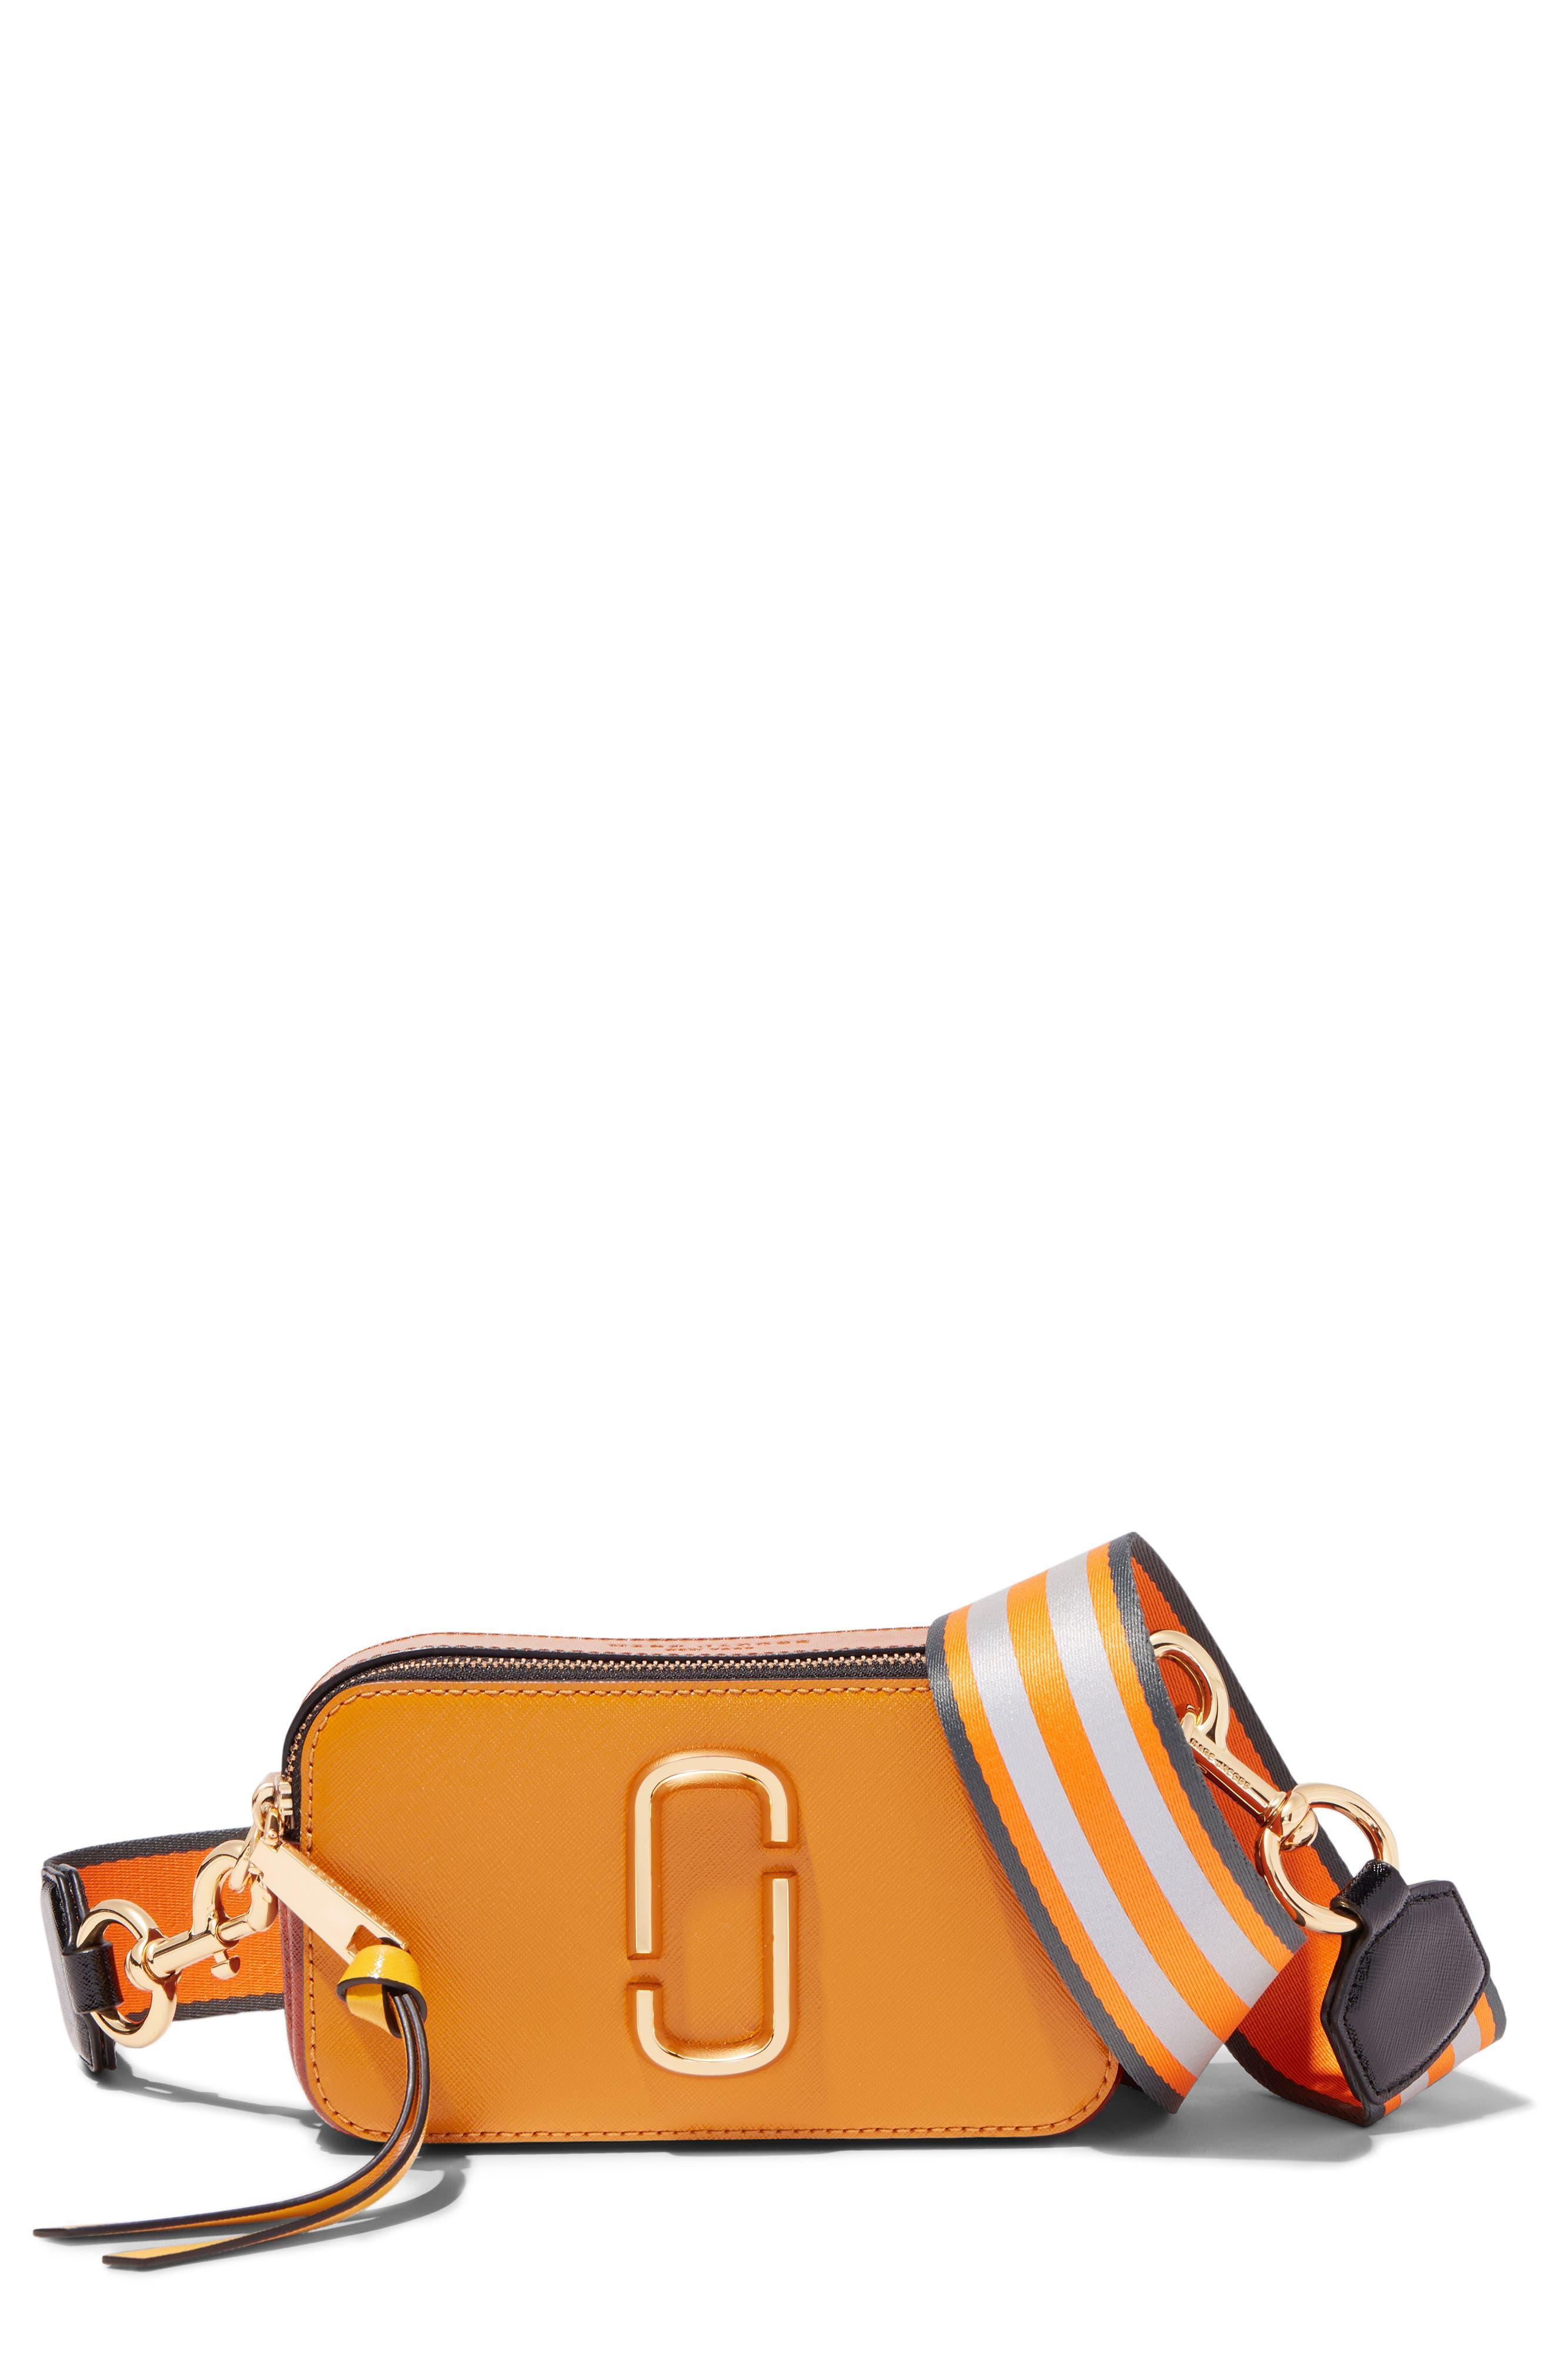 Women's MARC JACOBS Handbags | Nordstrom